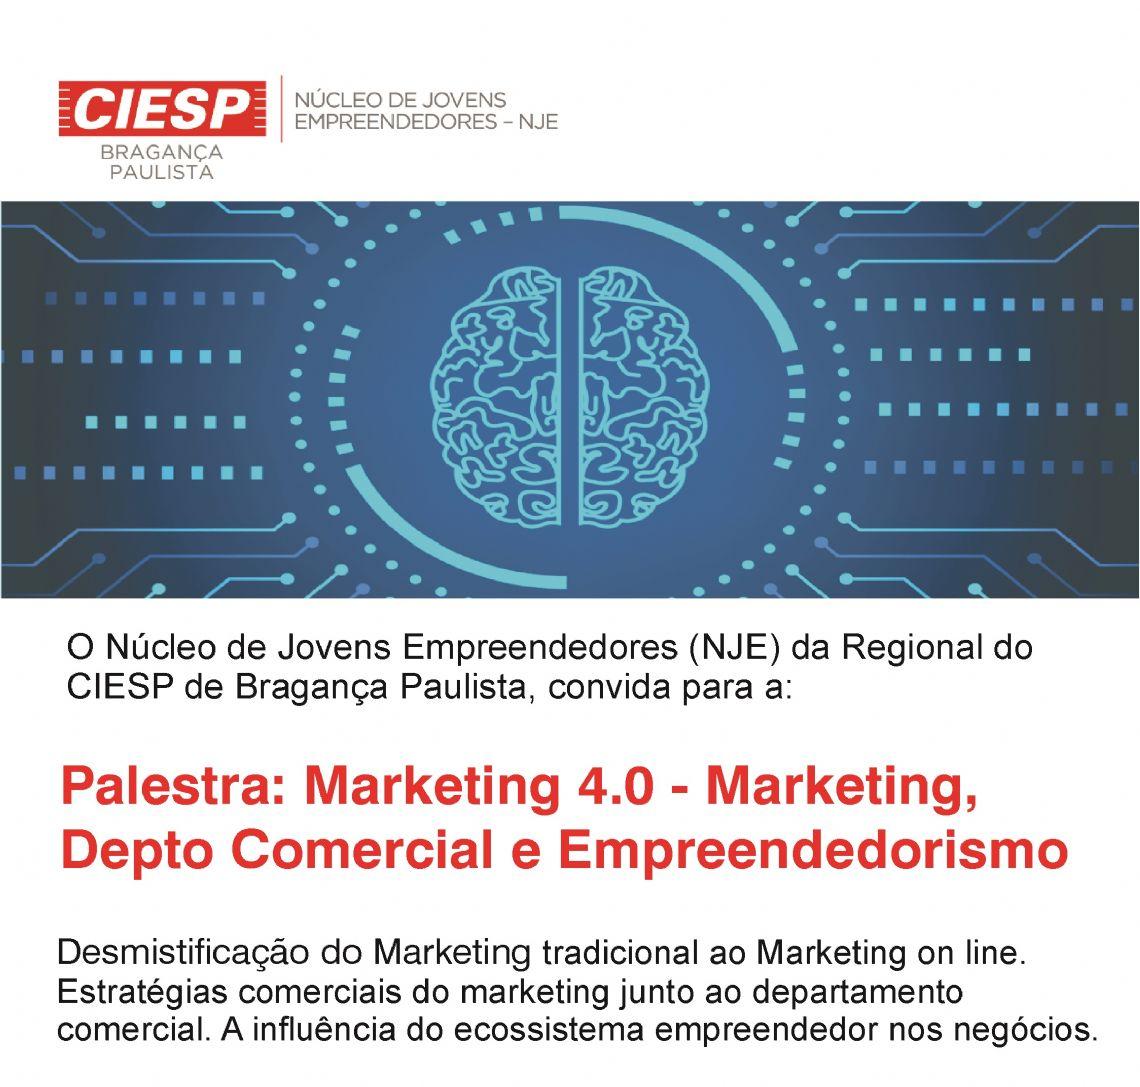 NÚCLEO DE JOVENS EMPREENDEDORES DO CIESP E SENAI DE BRAGANÇA PTA